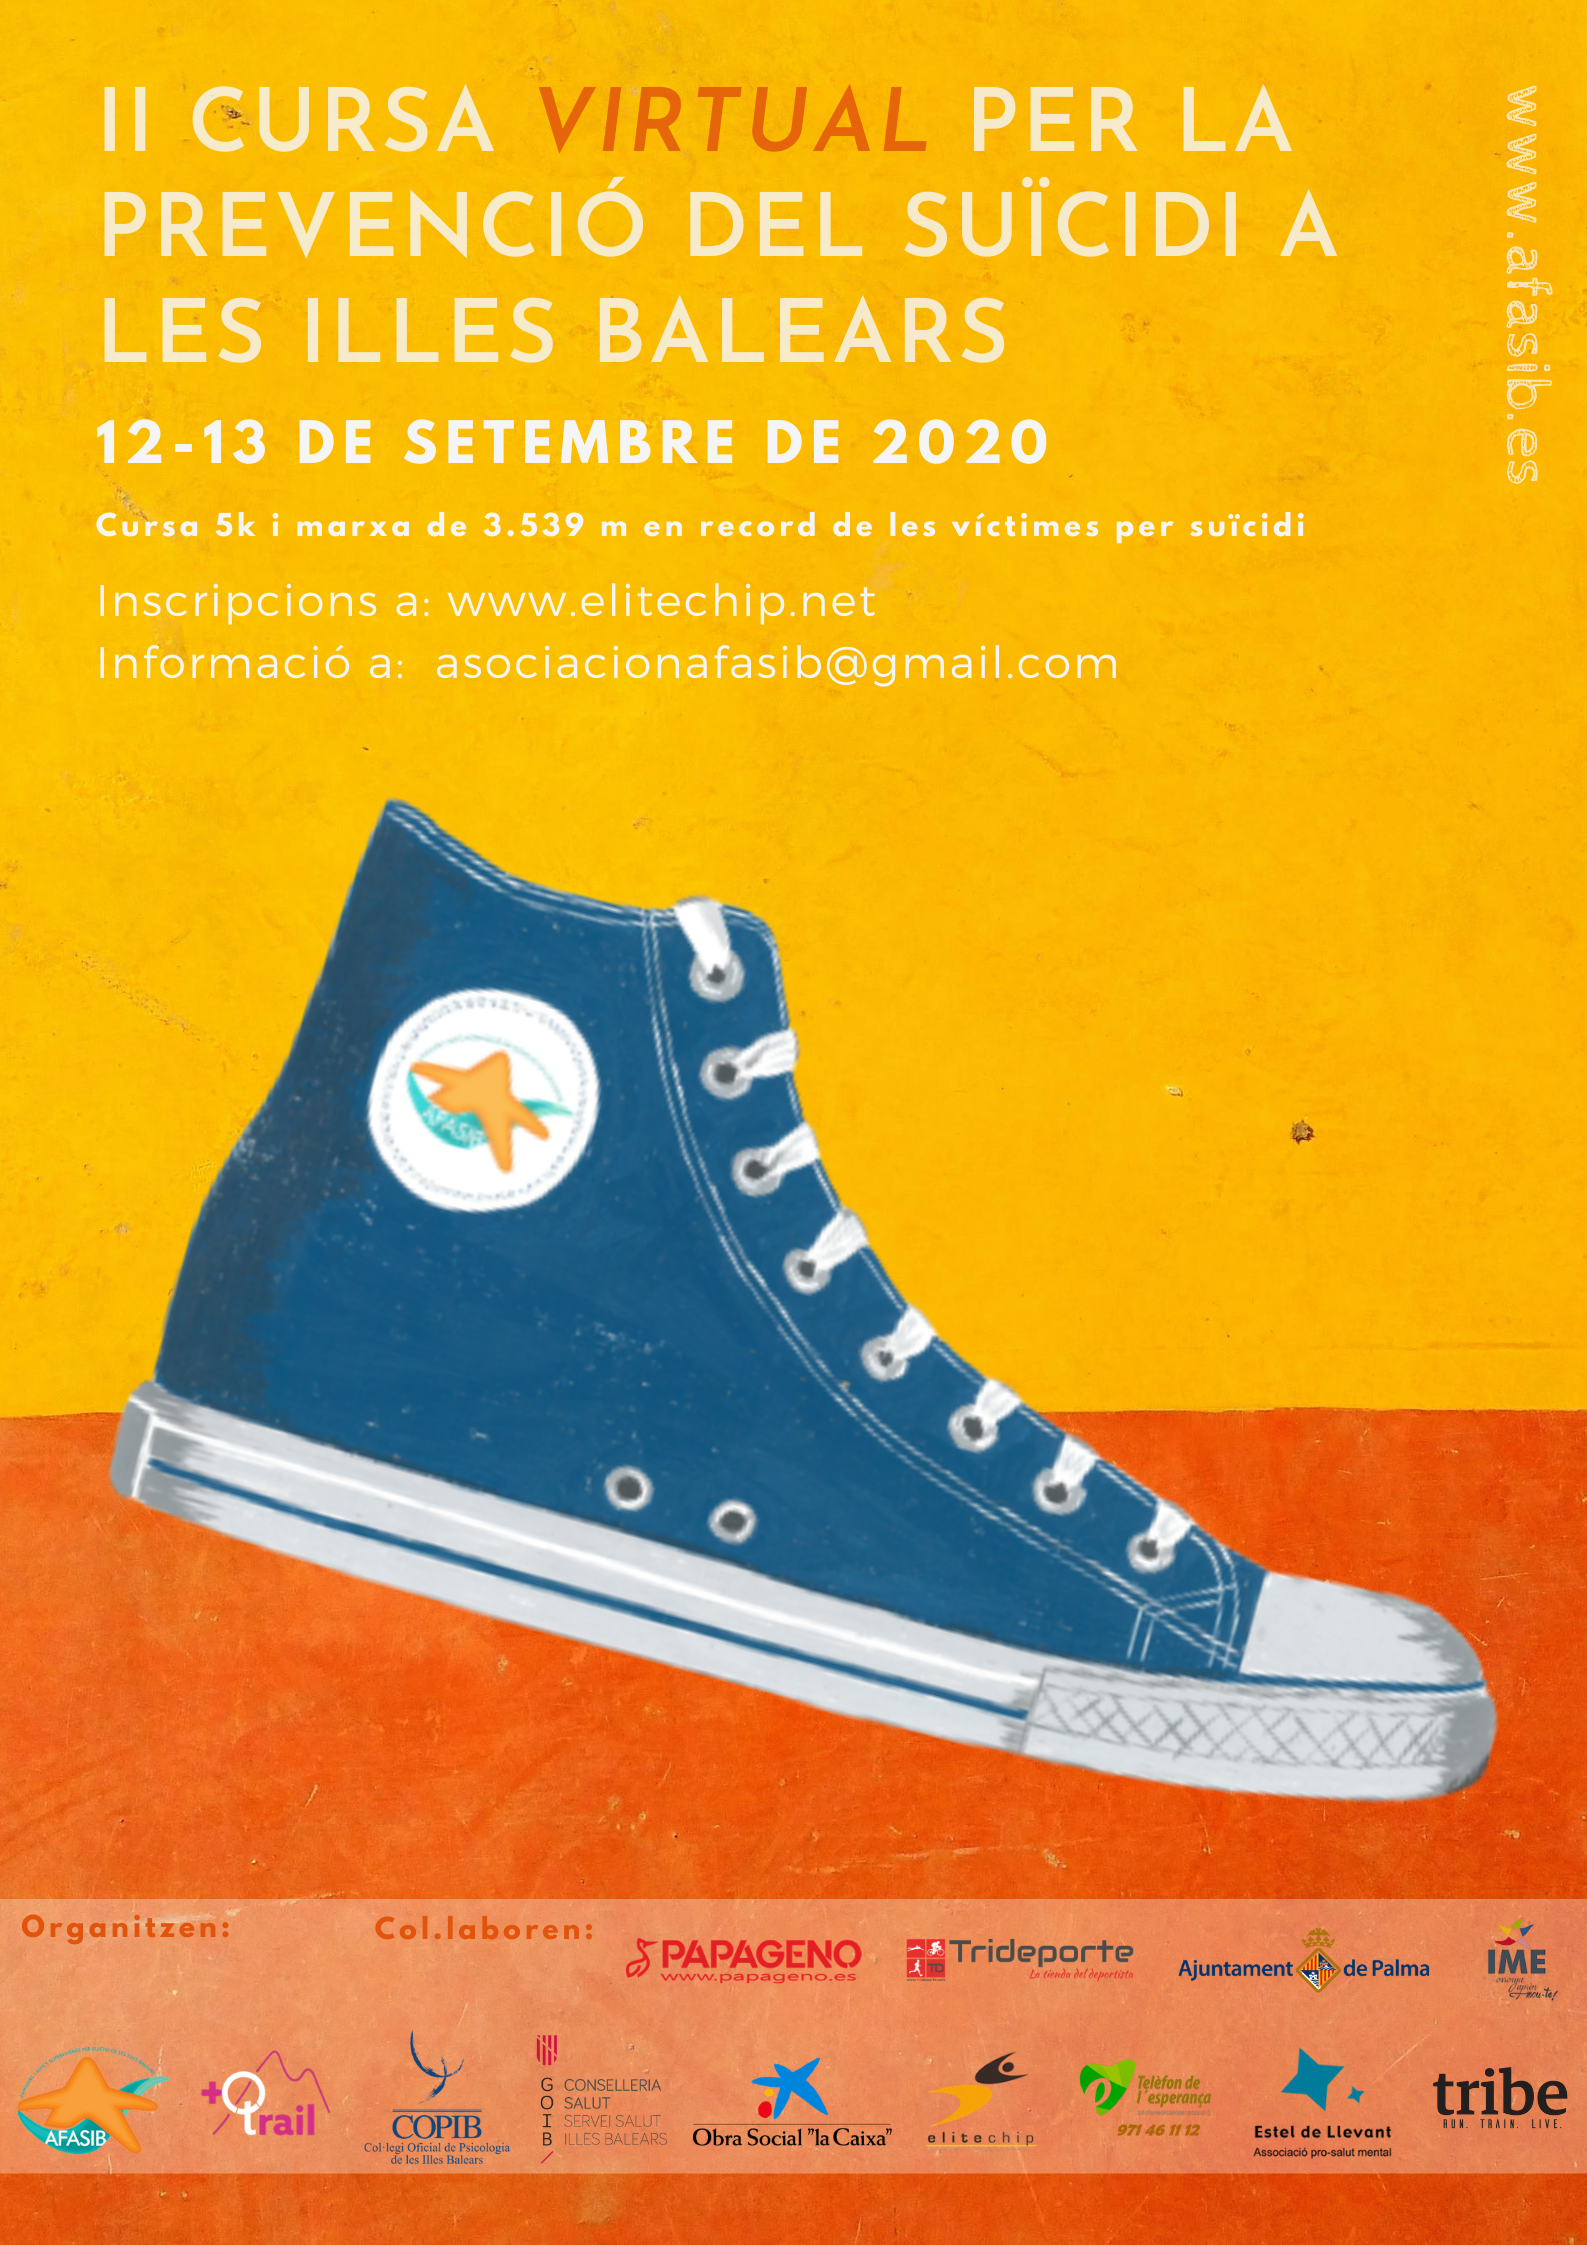 II Cursa virtual per a la prevenció del suïcidi de les Illes Balears